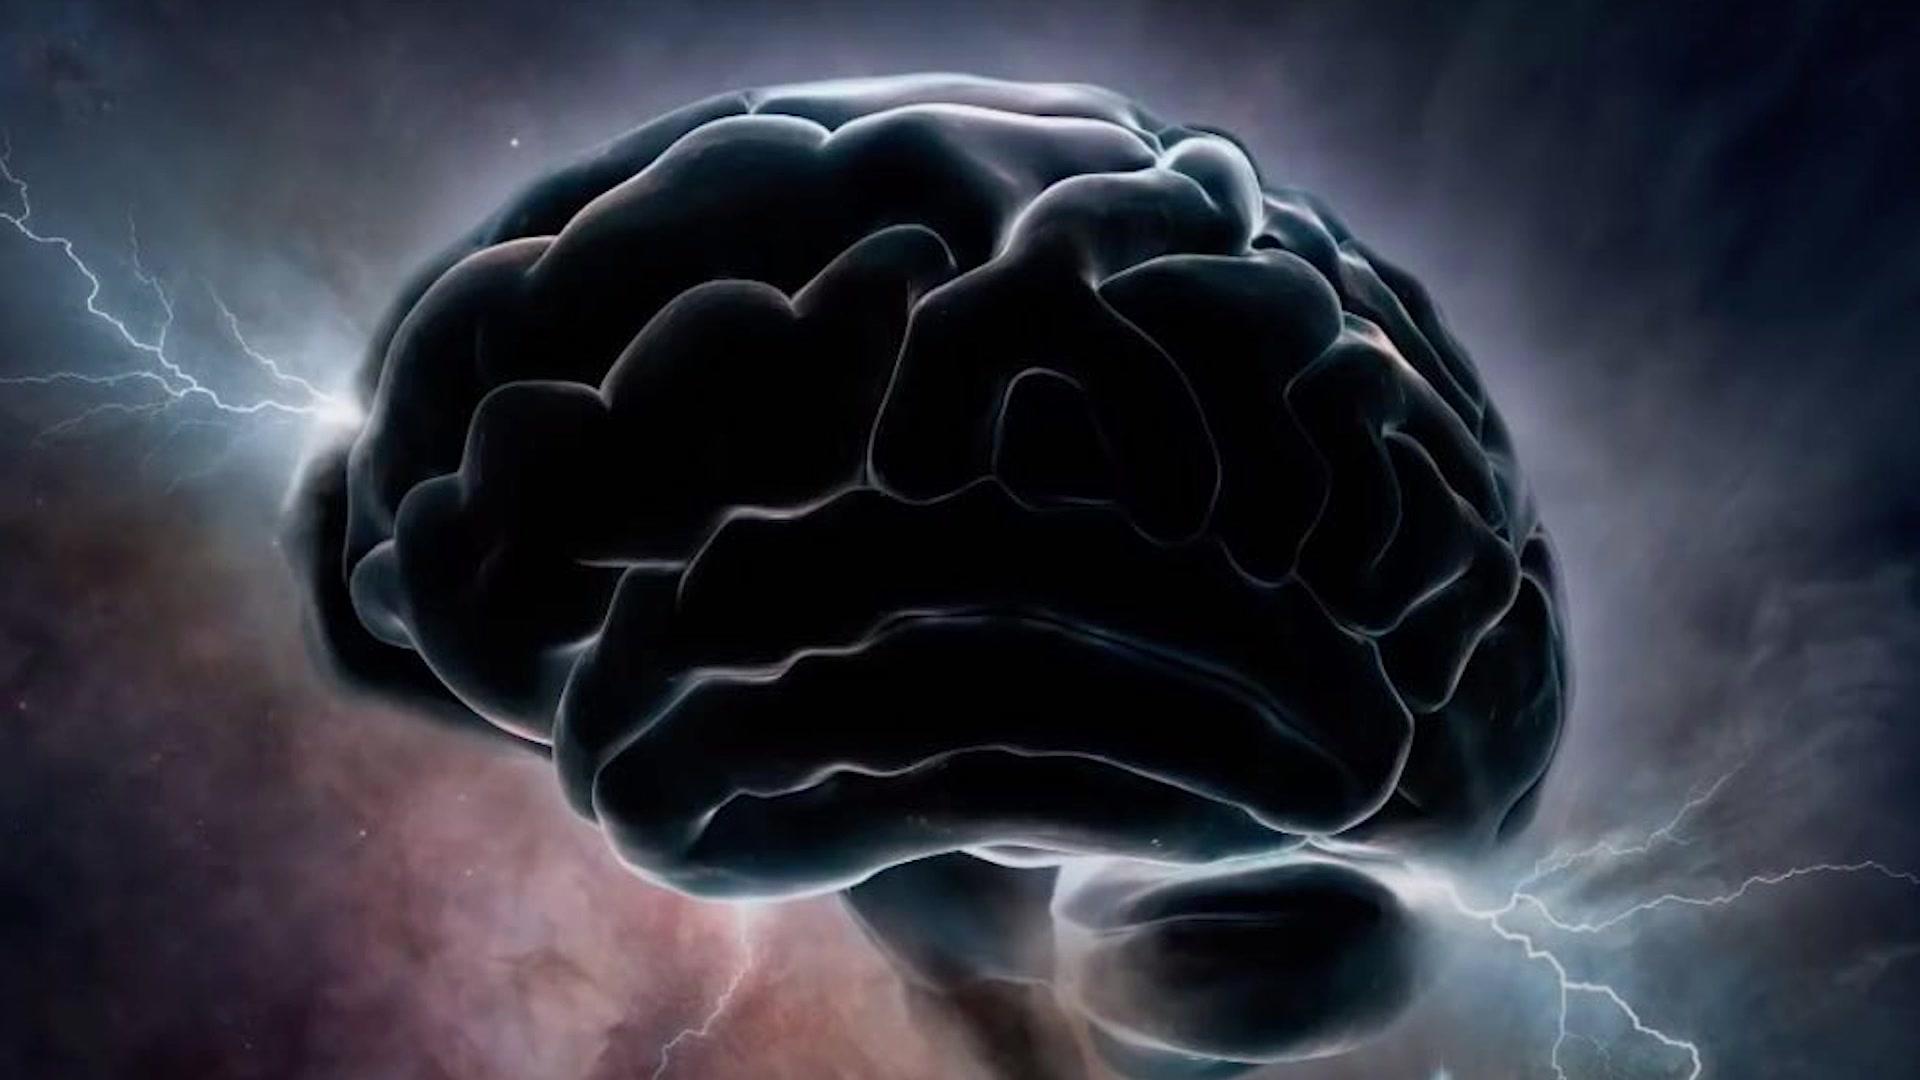 100%大脑开发, 缓解压力, 深度助眠, 坚持听10遍, 坚持21天, 一个月后你会回来感谢我——阿尔法脑波音乐